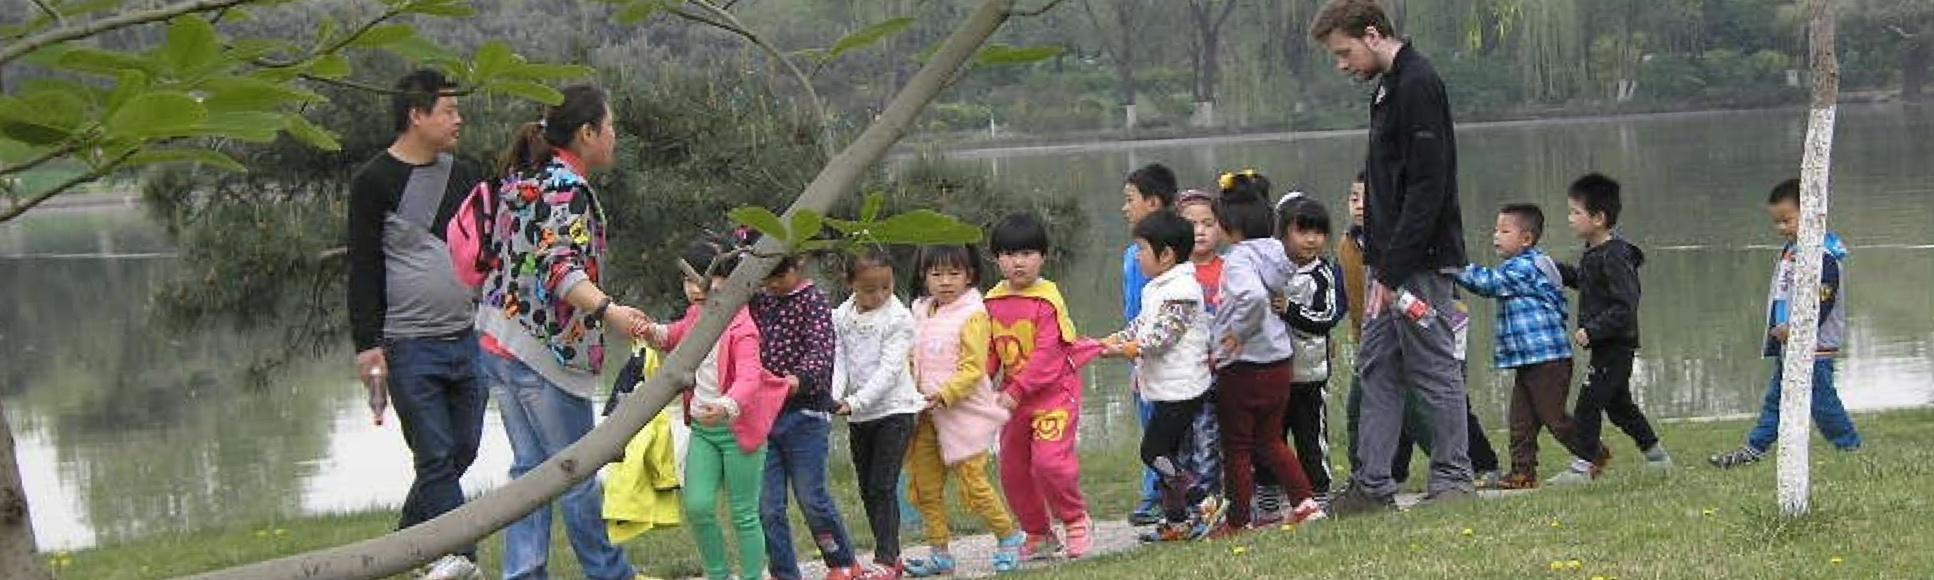 Dai nostri missionari in Cina